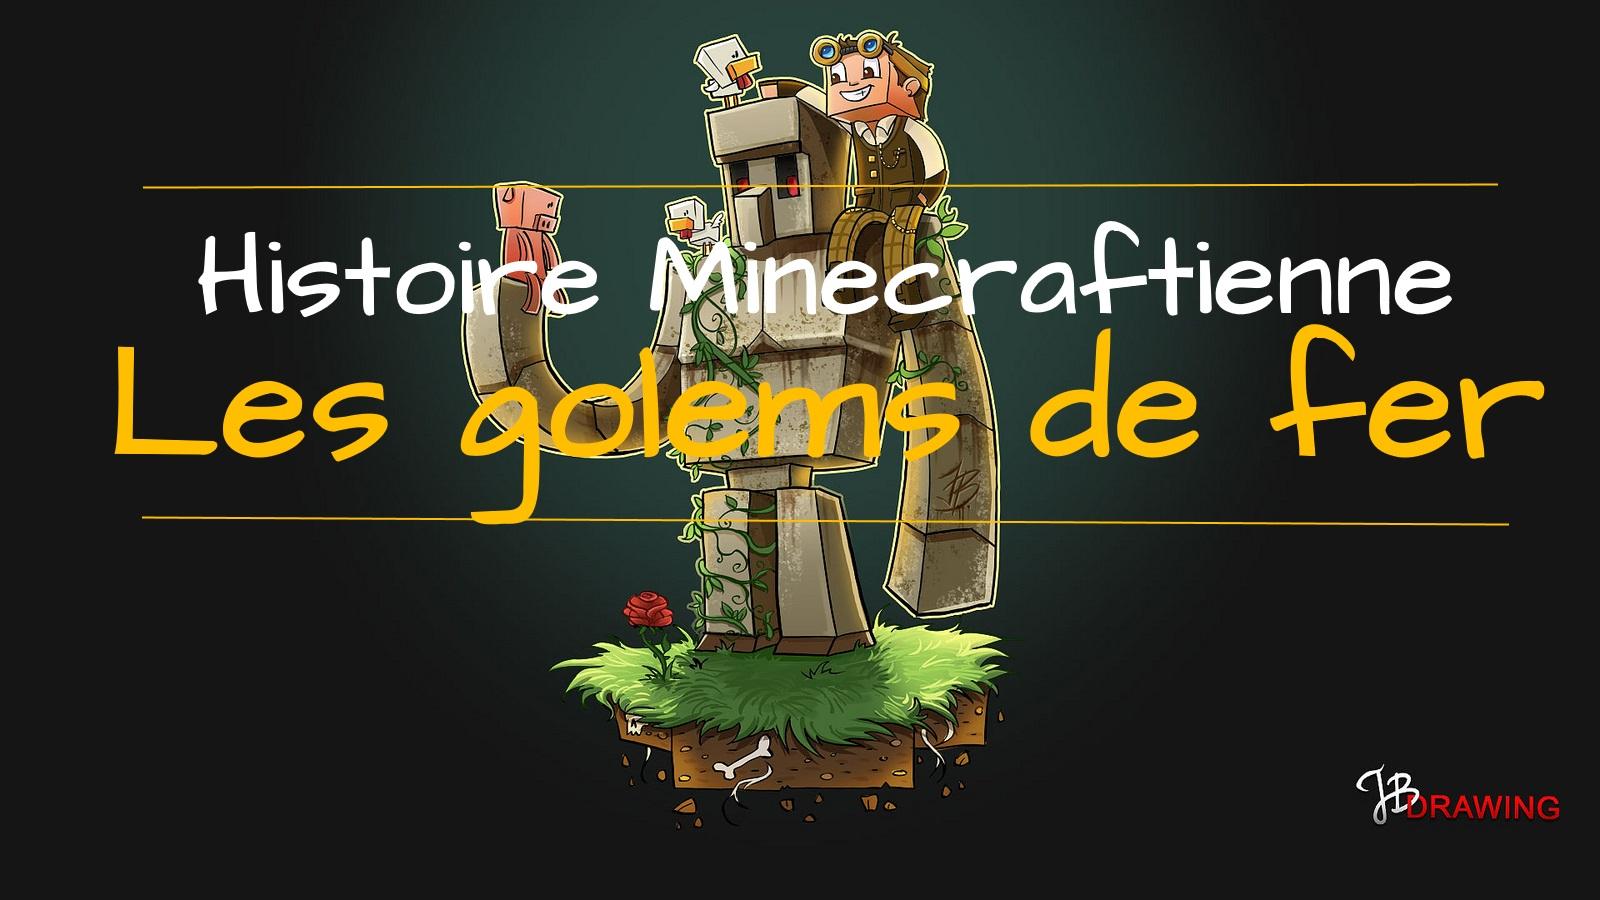 Une histoire minecraftienne les golems de fer - Minecraft golem de fer ...